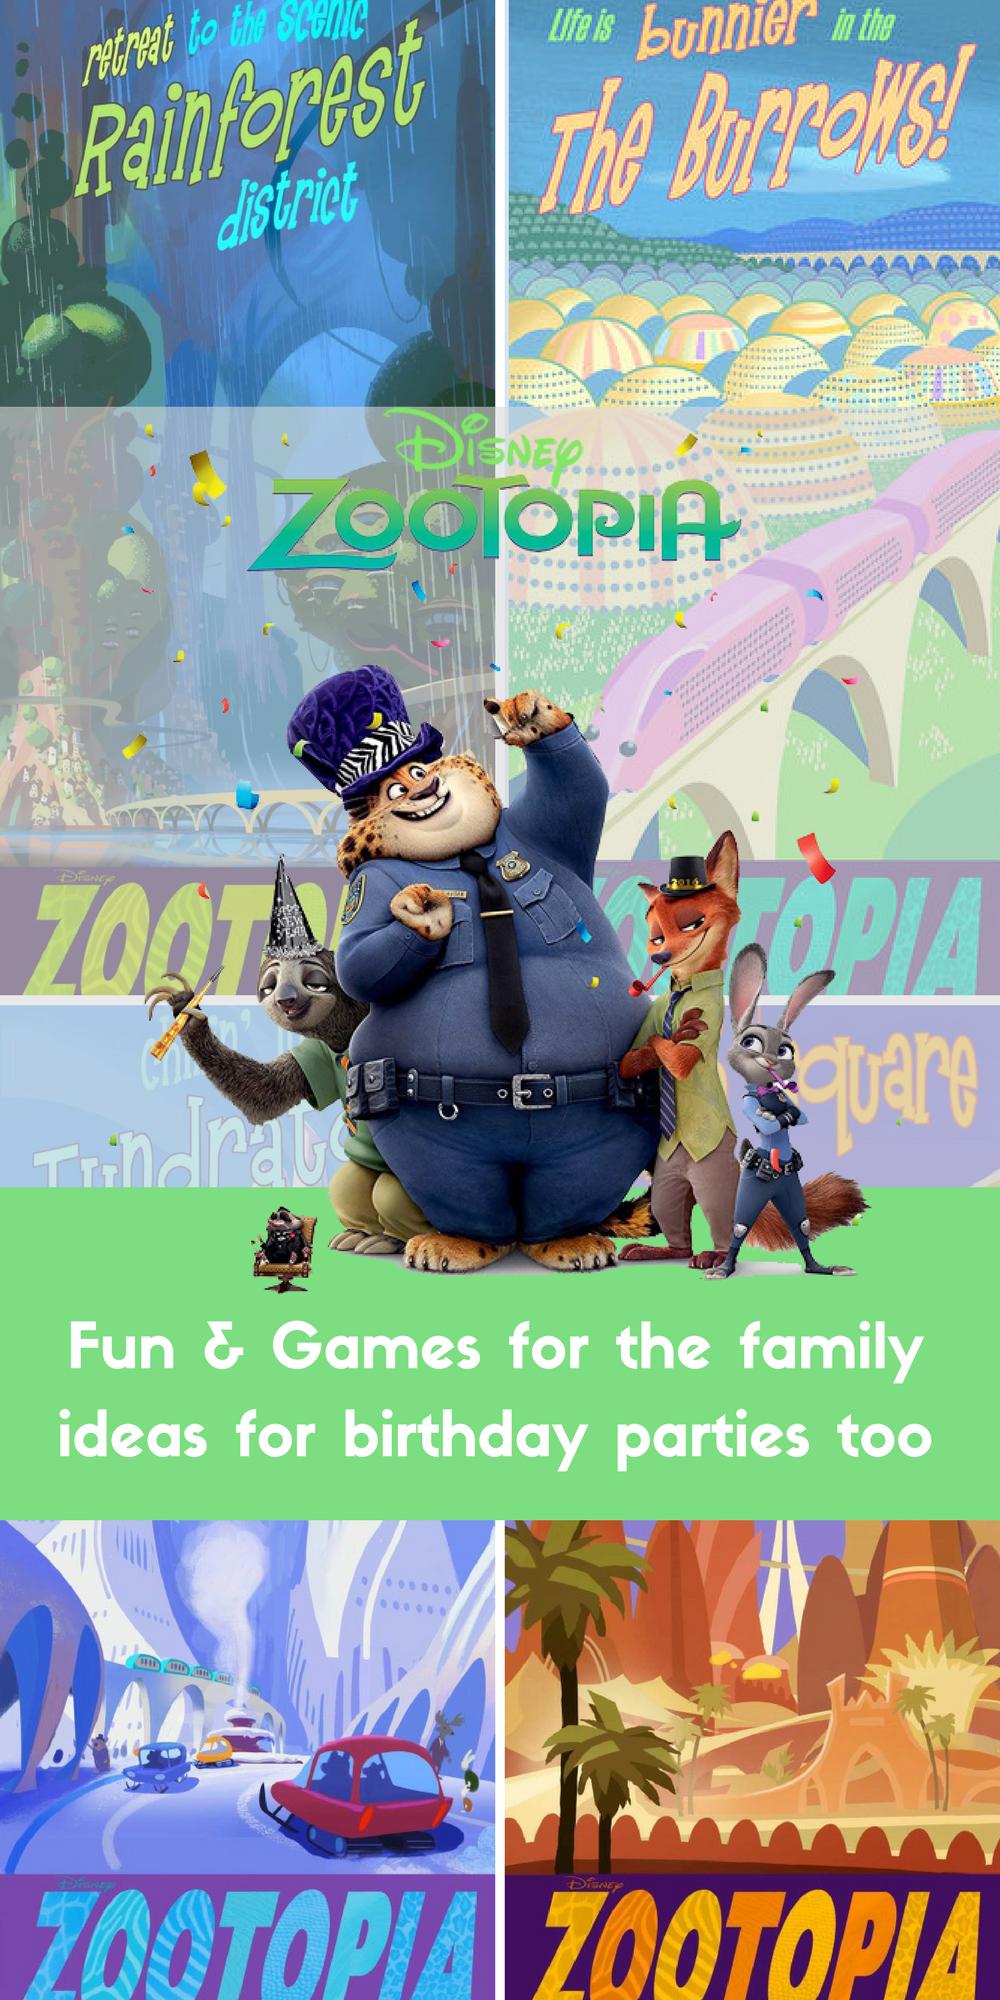 Zootopia Fun